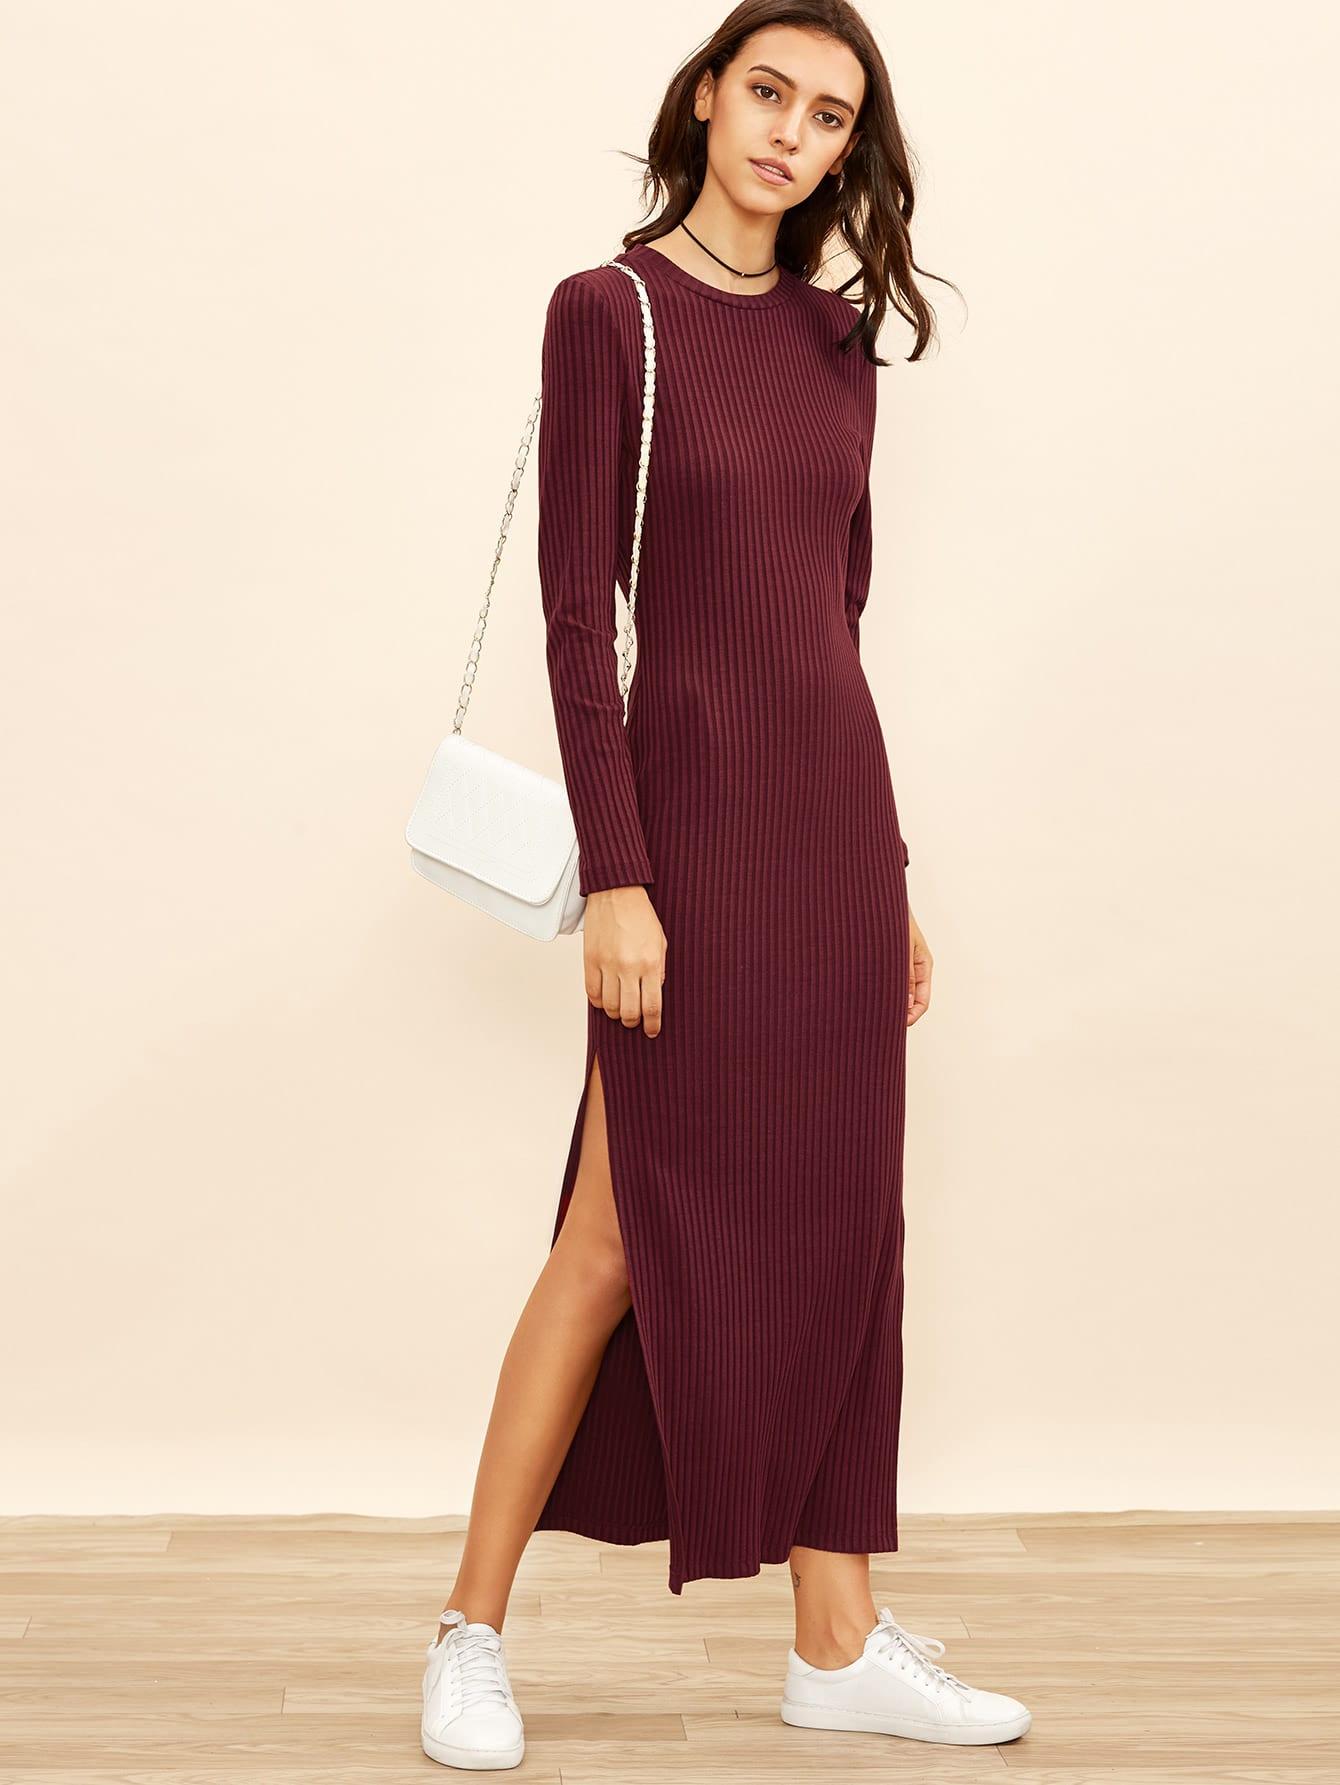 Slit Ribbed Fitted Full Length Dress